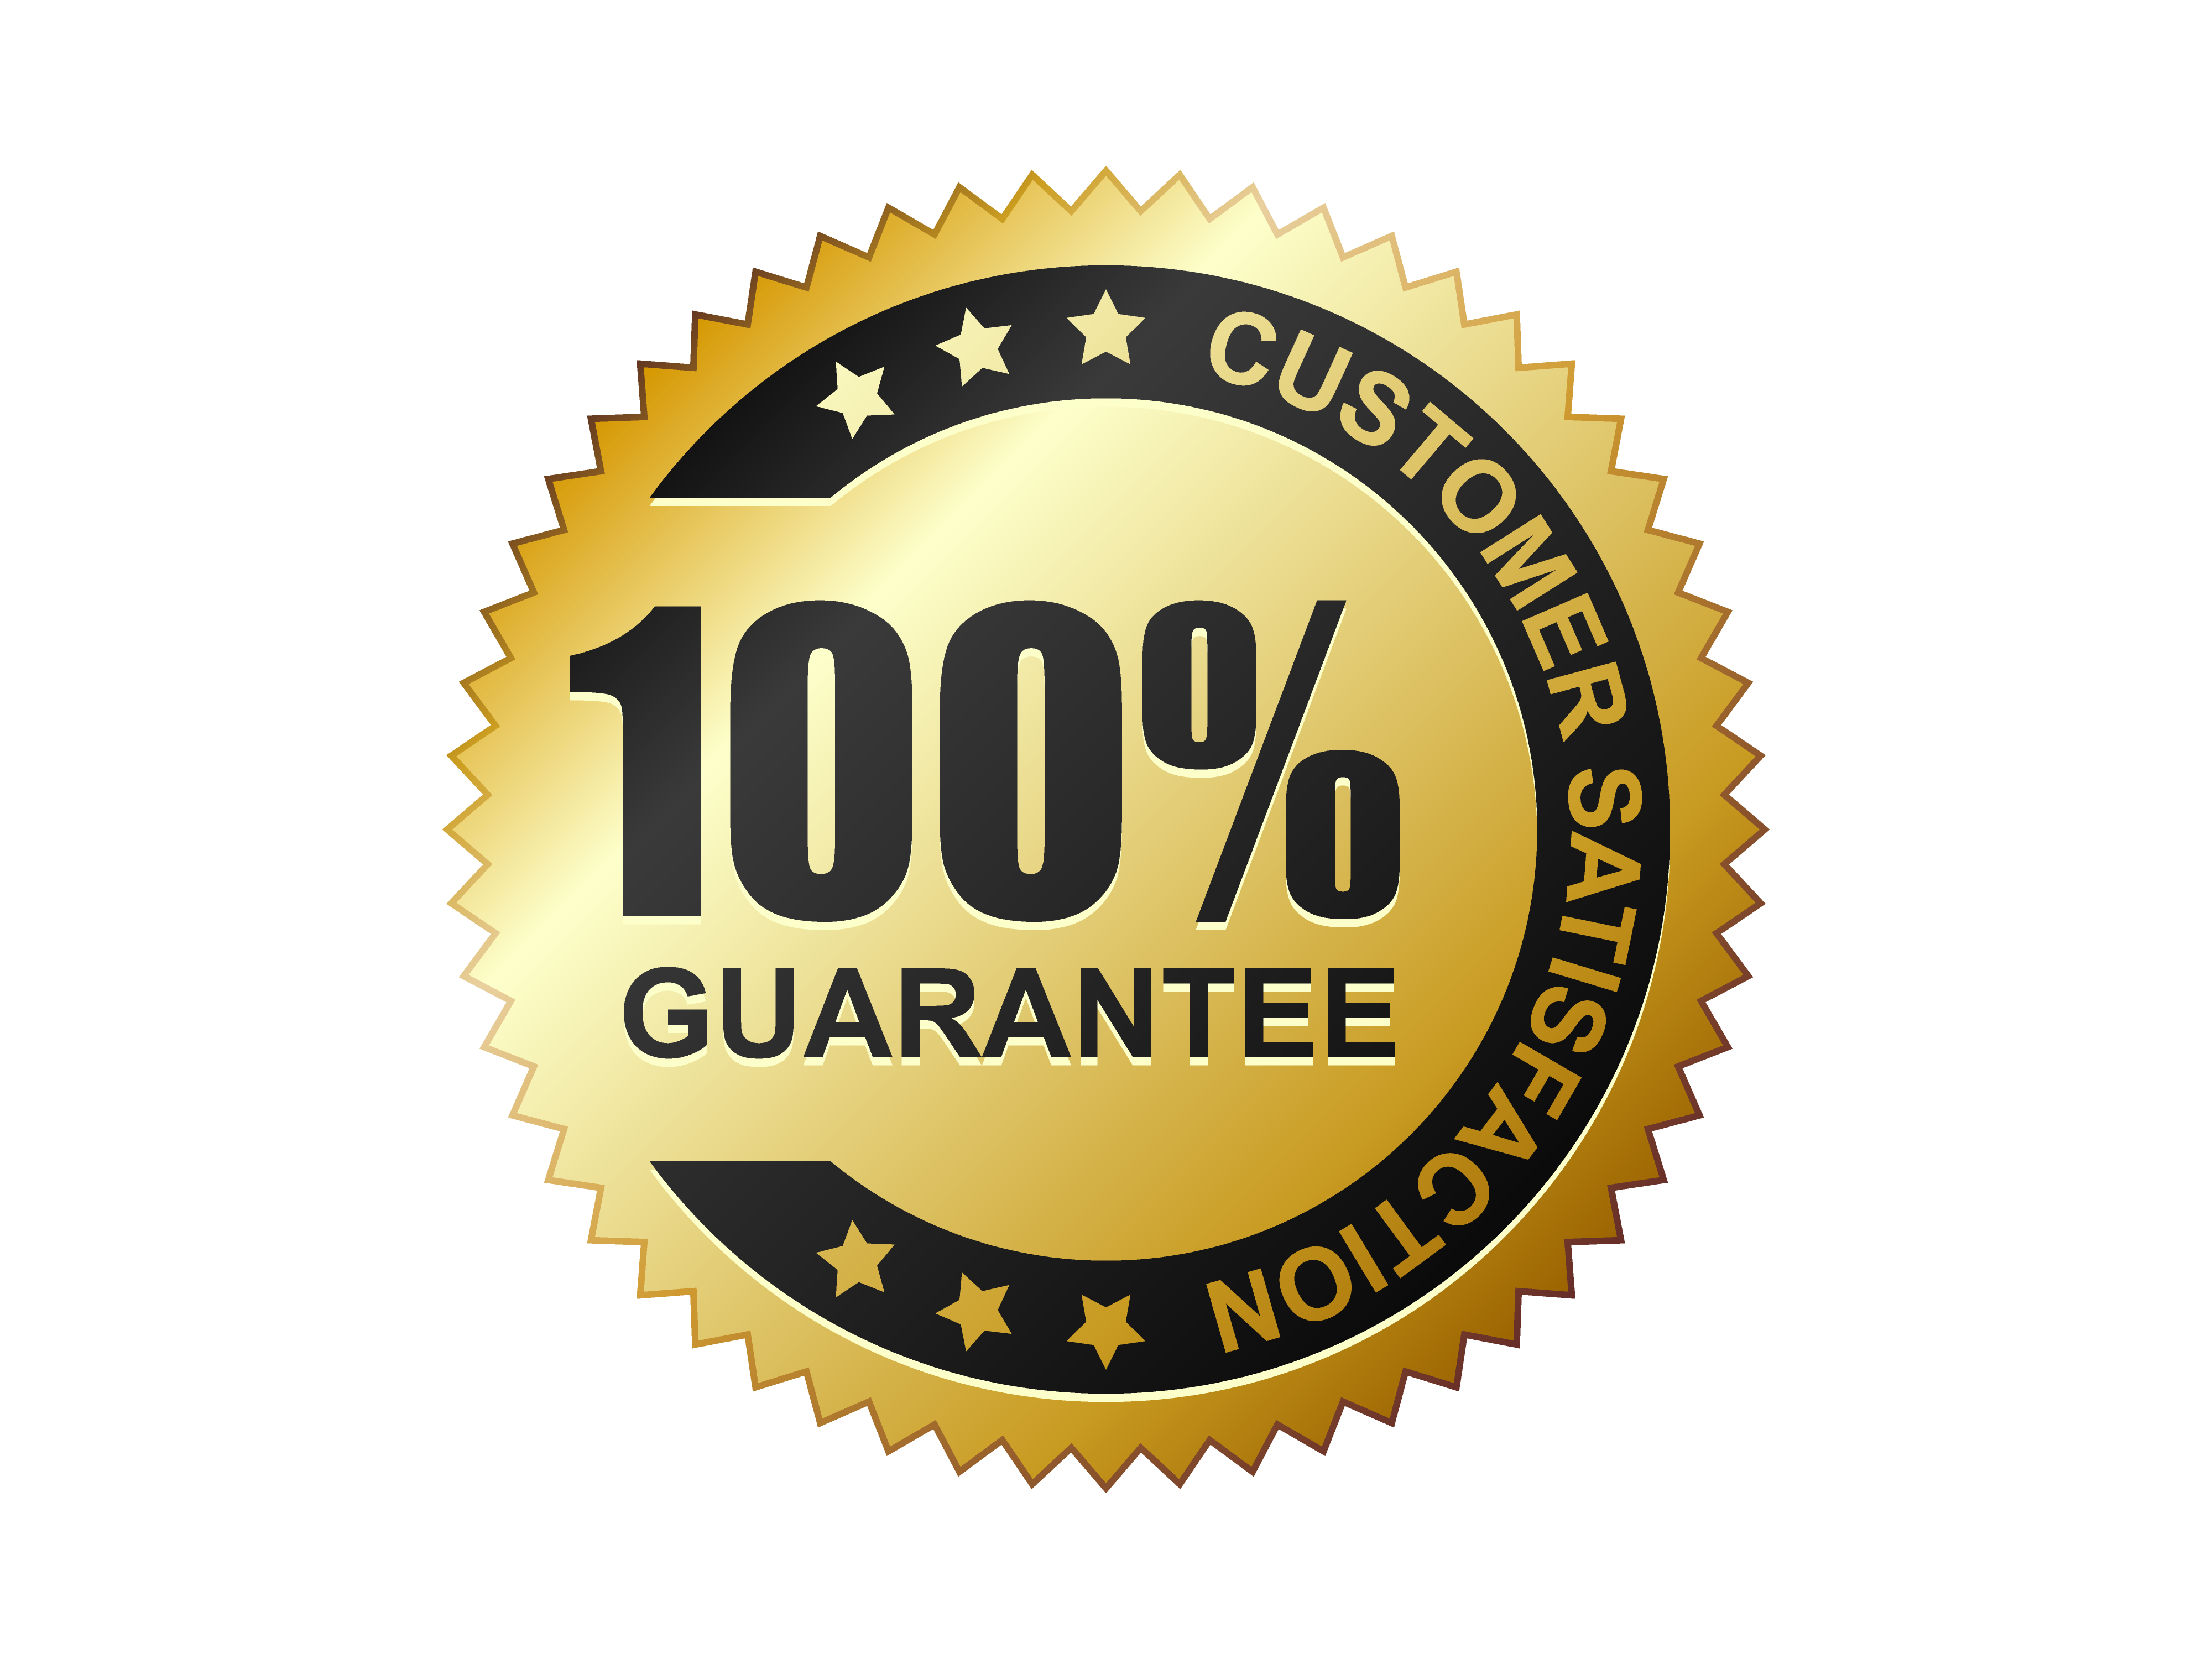 kisspng-customer-satisfaction-stock-photography-stink-stom-guarantee-vector-5adaab7aad45c1.9560307415242801867097(1)